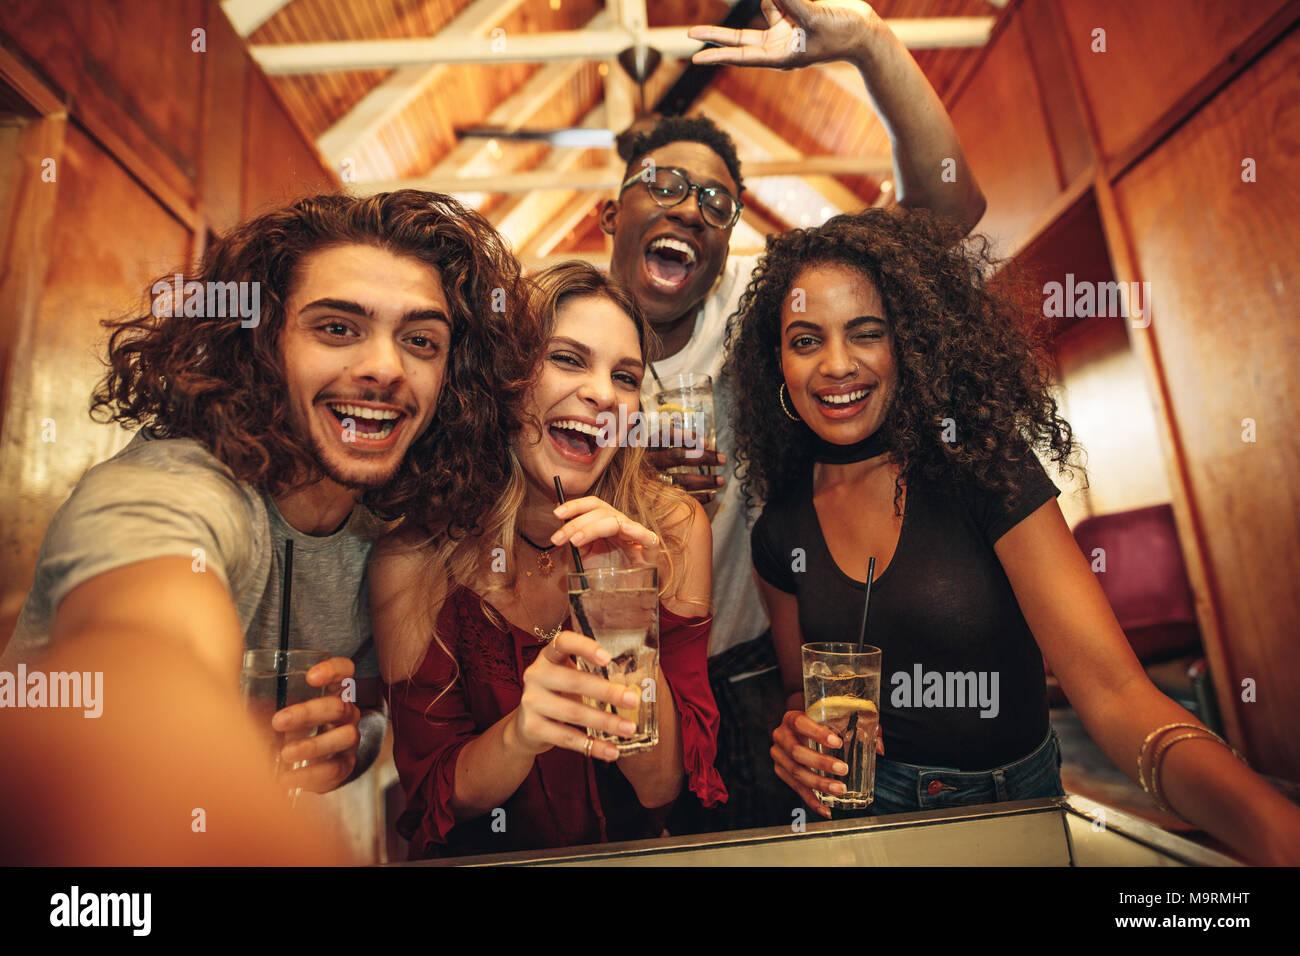 Grupo de jóvenes amigos feliz con bebidas reunidos para la fiesta en el club. Hombres y mujeres entusiasmados con bebidas teniendo selfie durante la fiesta. Imagen De Stock